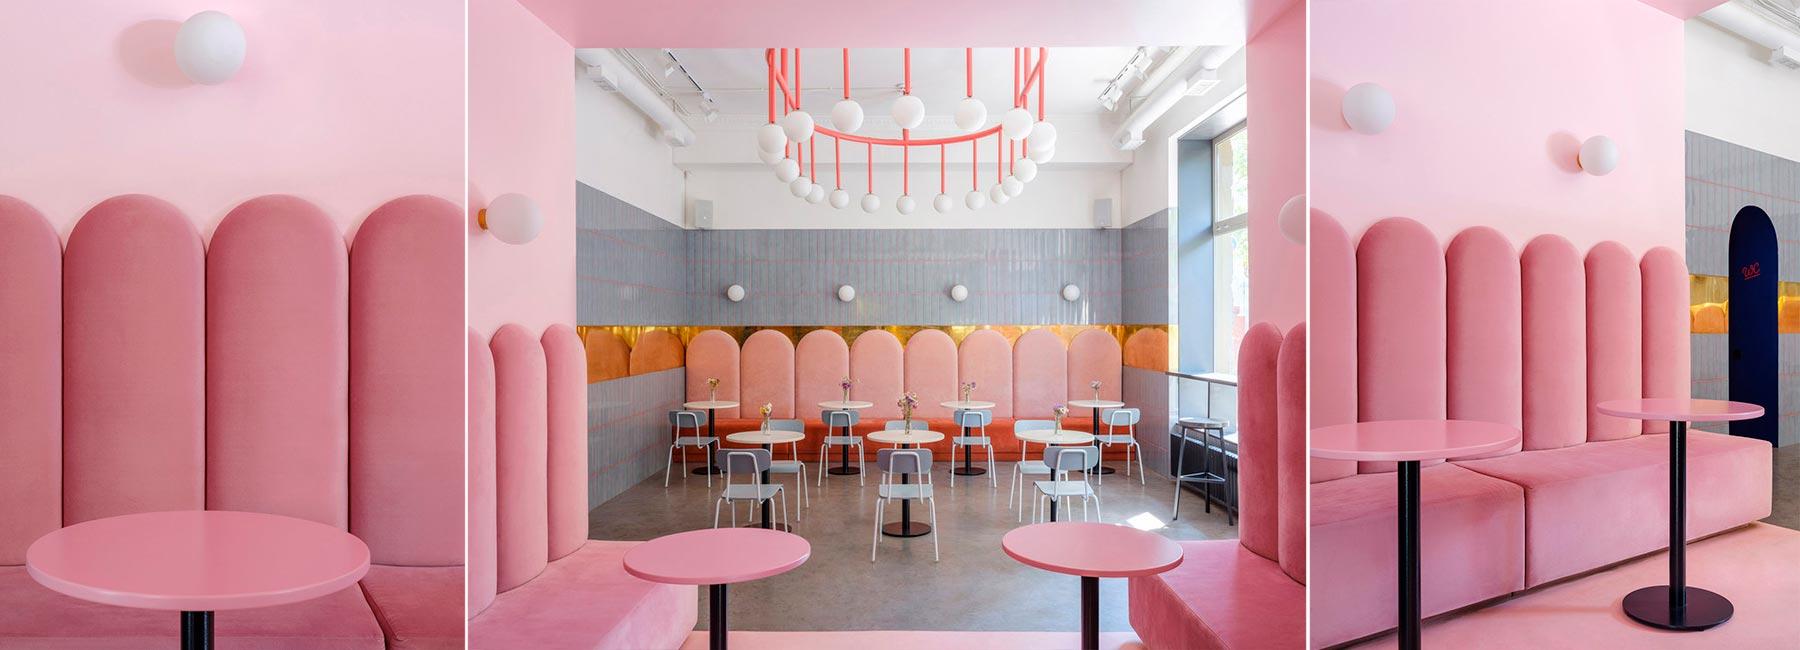 Эффектная розовая пекарня в Одессе Breadway Bakery по проекту Артема Тригубчака и Леры Бруминой